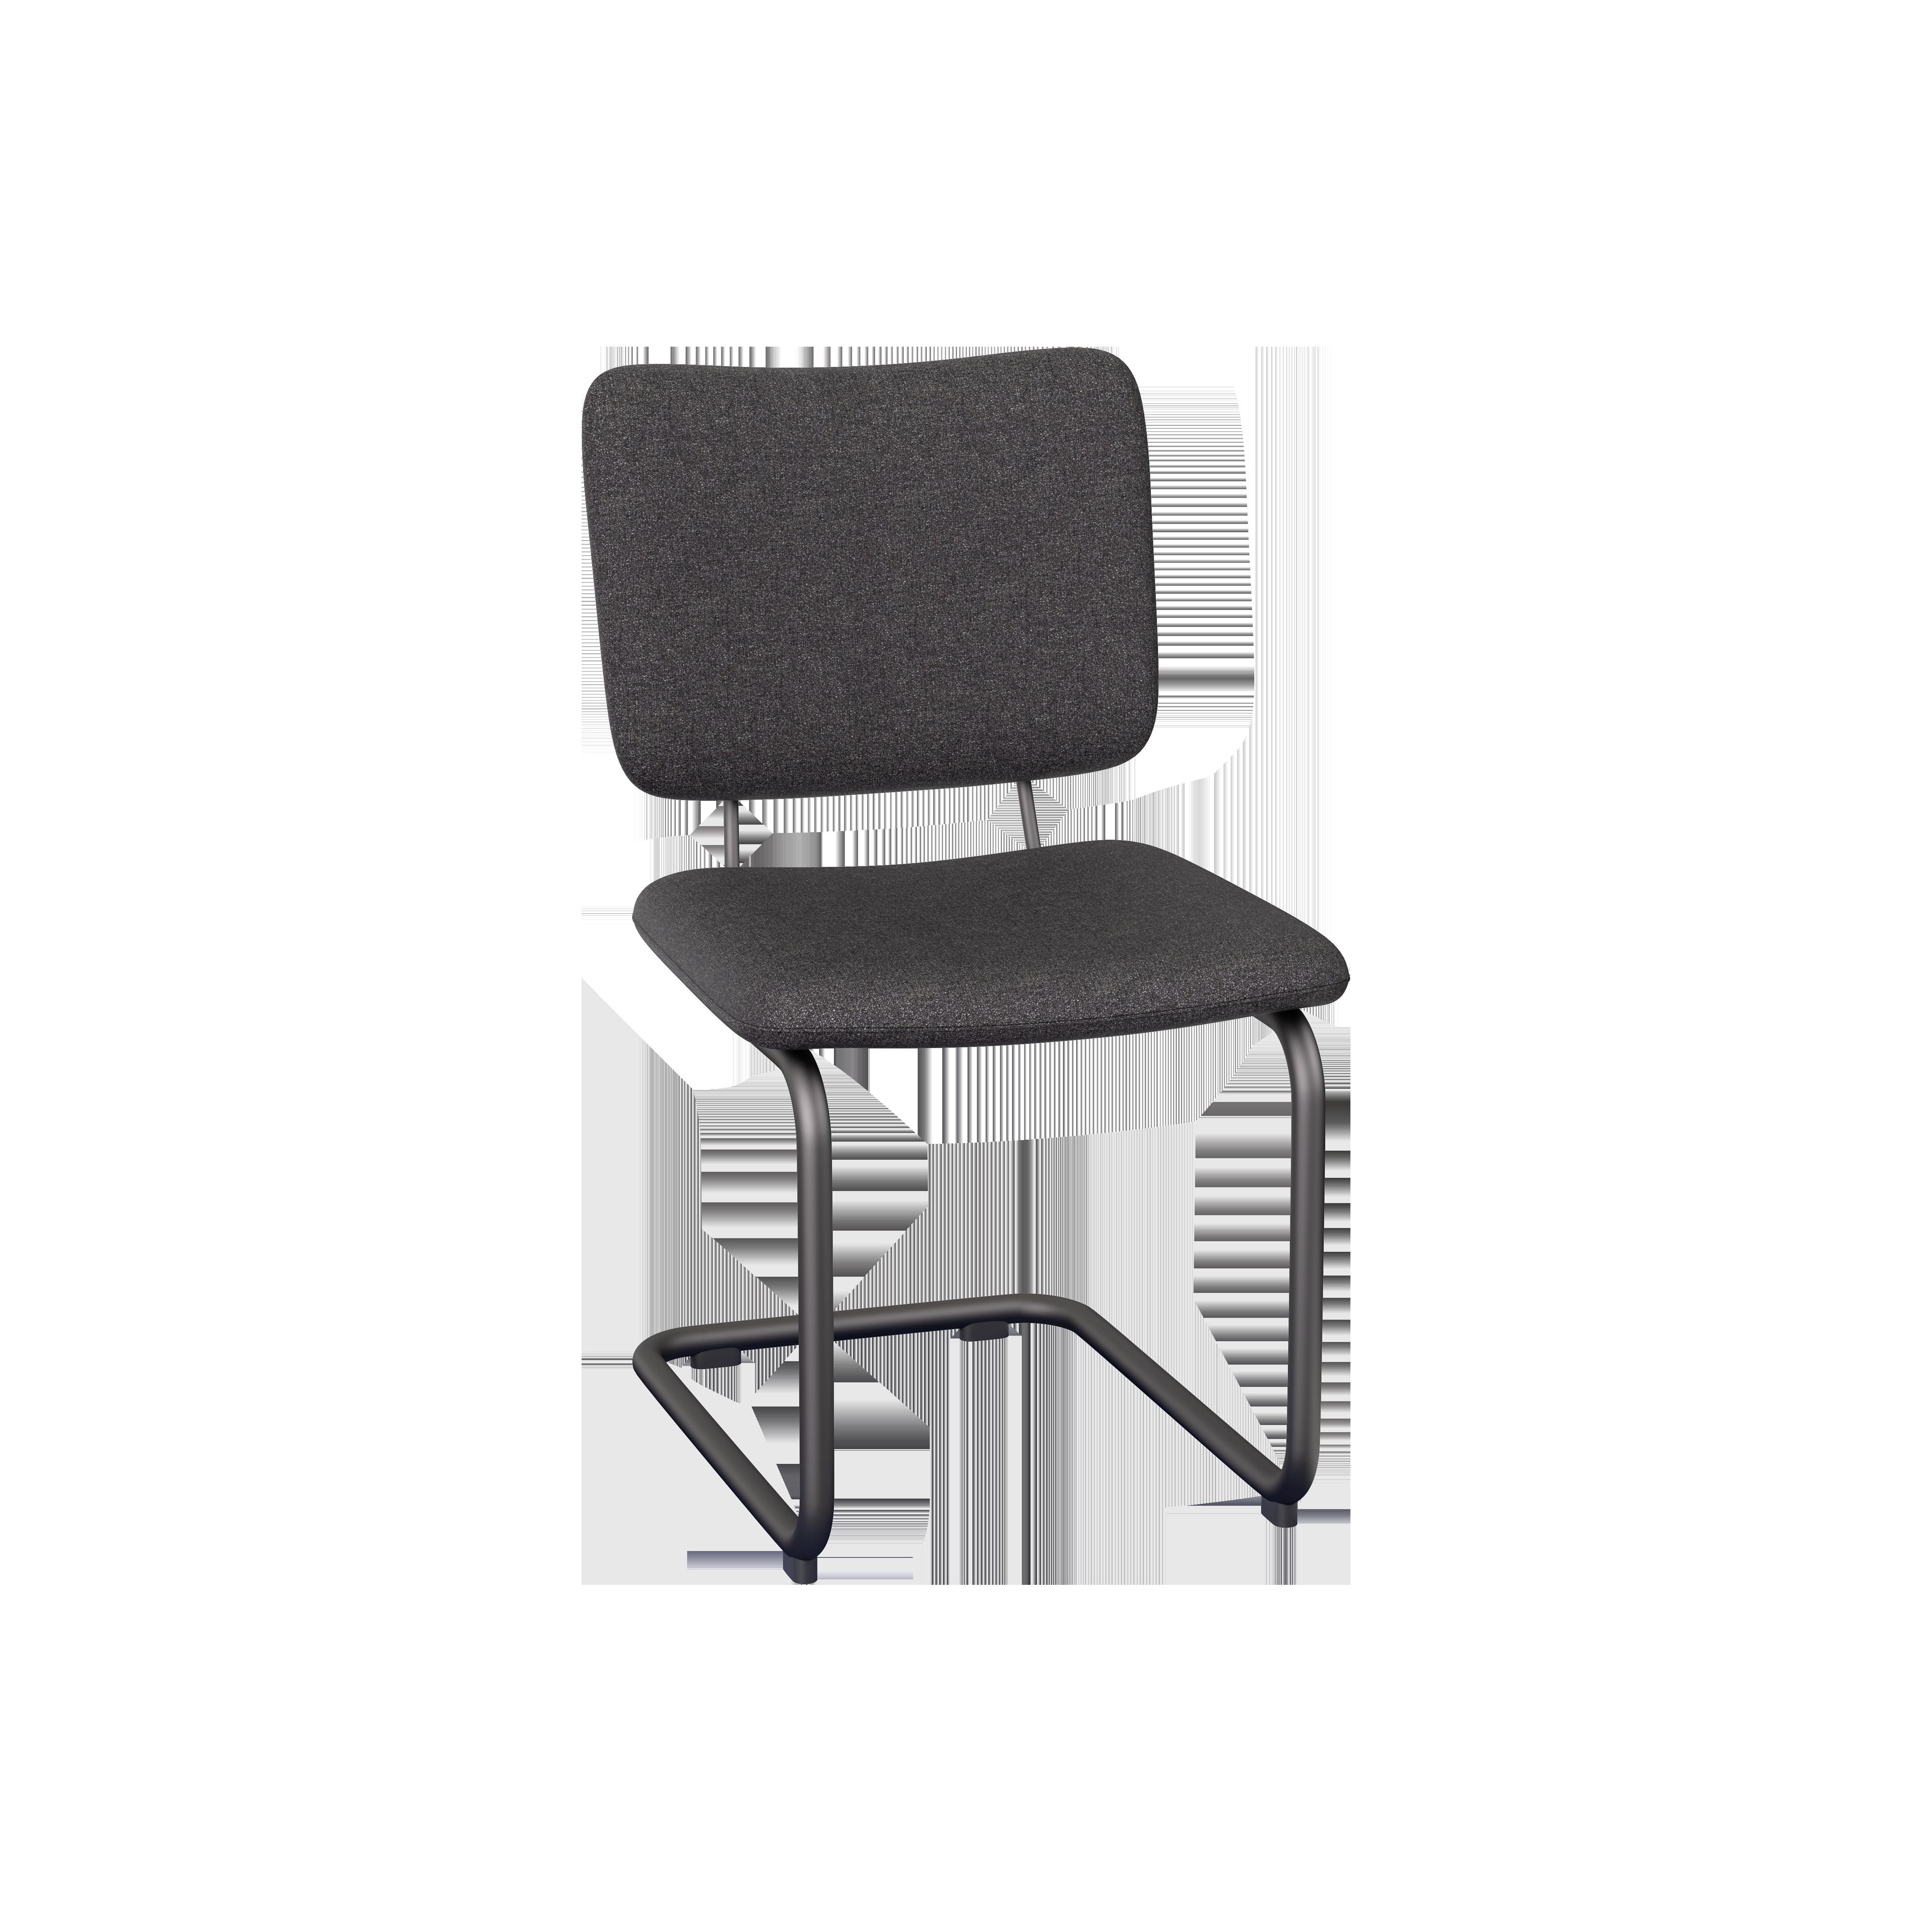 Tempra Esszimmerstuhl Tempra Tische Stühle Förde Polster